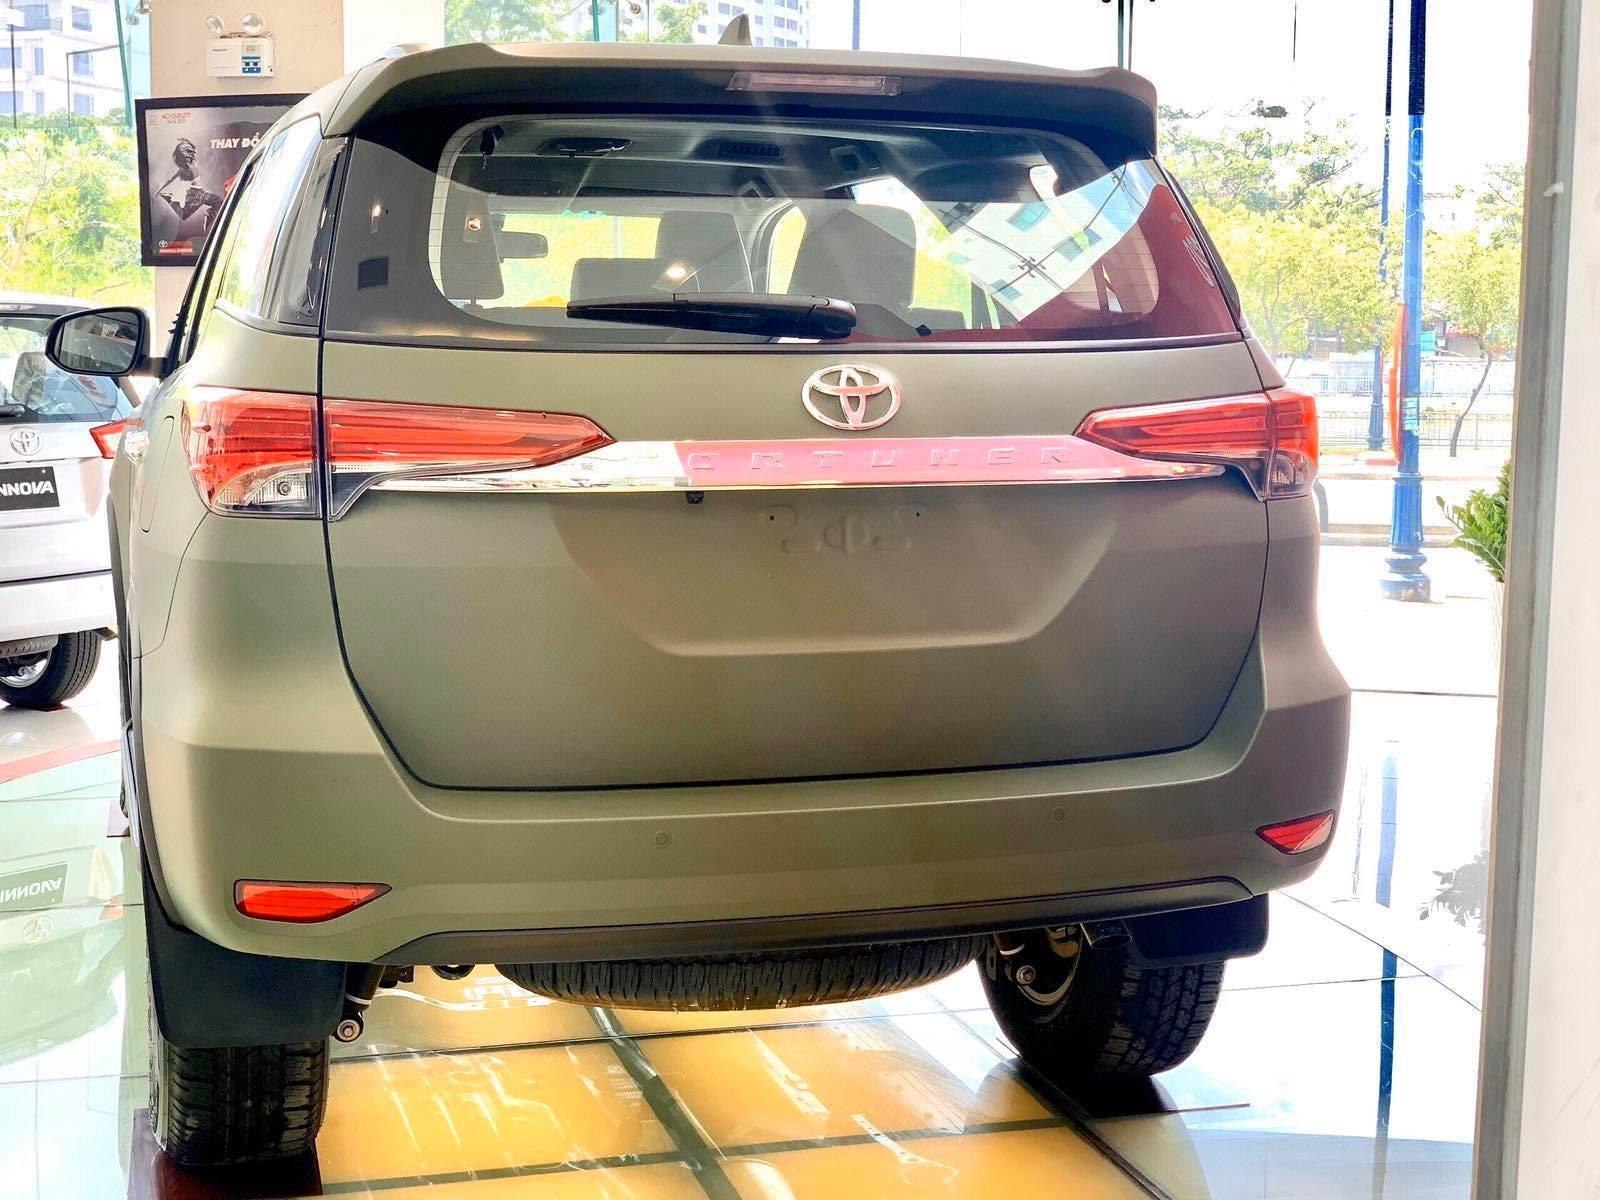 Đuôi xe Toyota Fotuner phiên bản giới hạn.